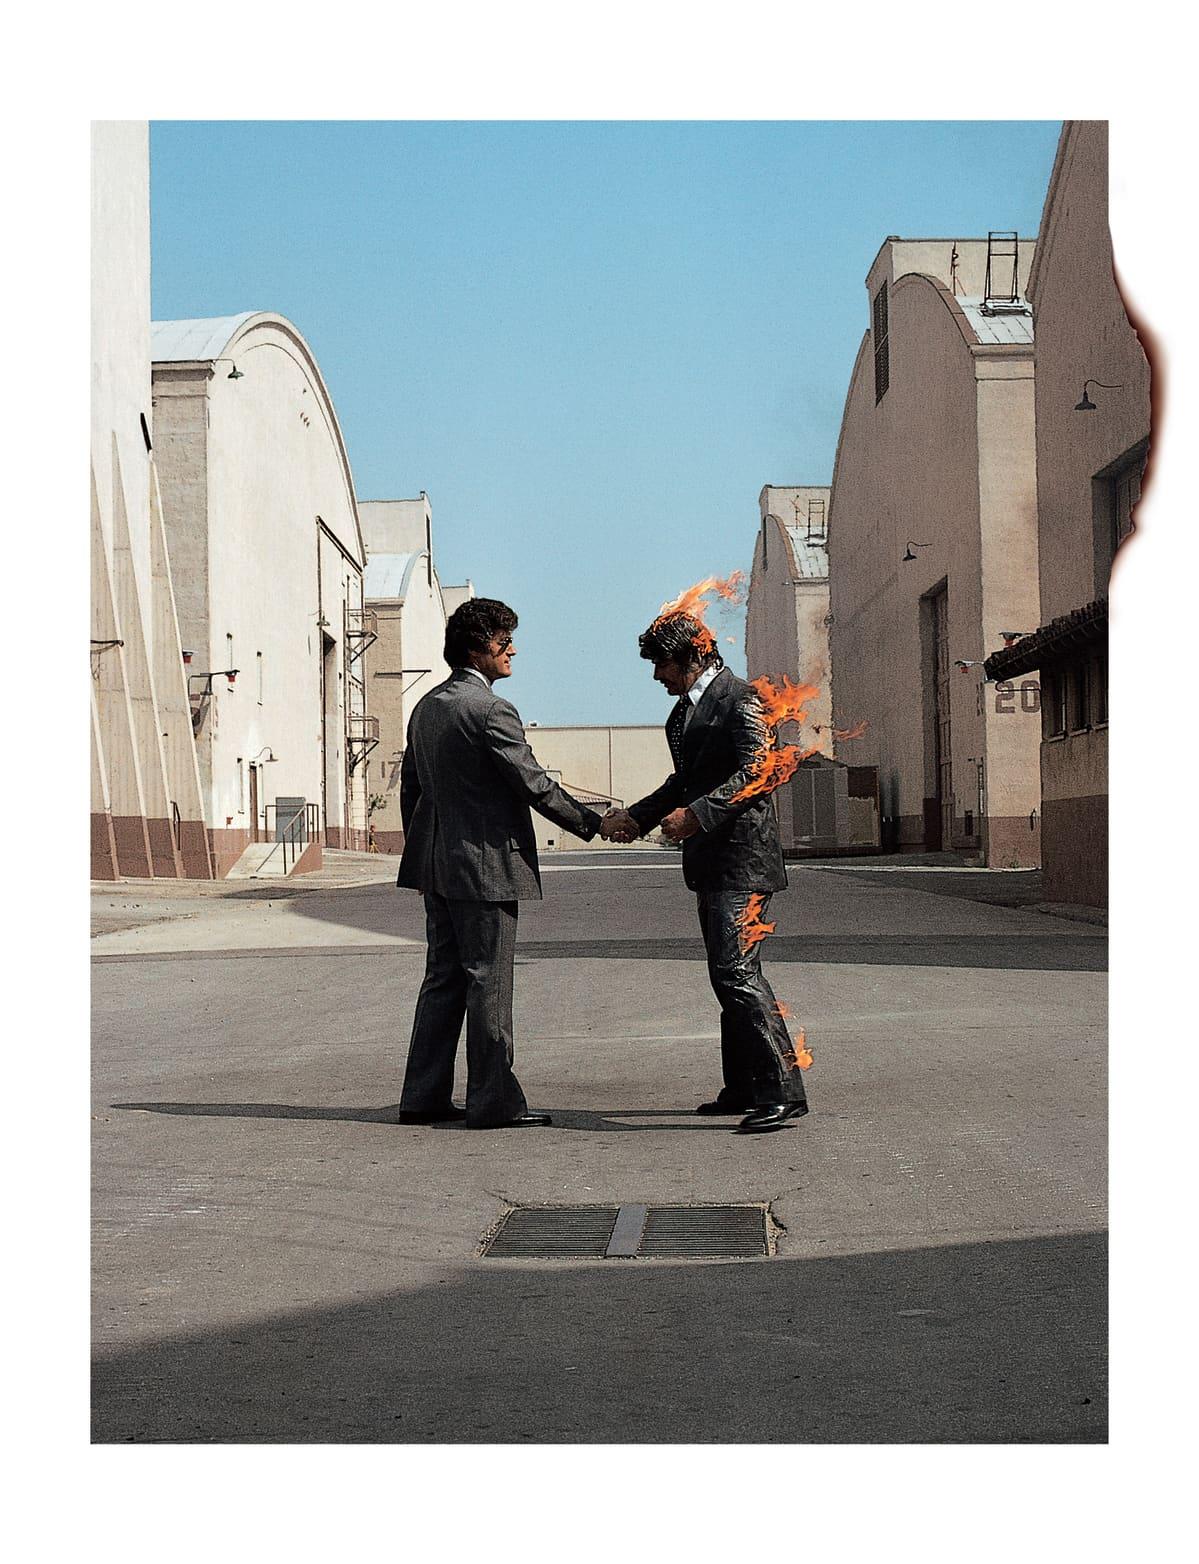 kaksi miestä kättelee, toisen puku on tulessa